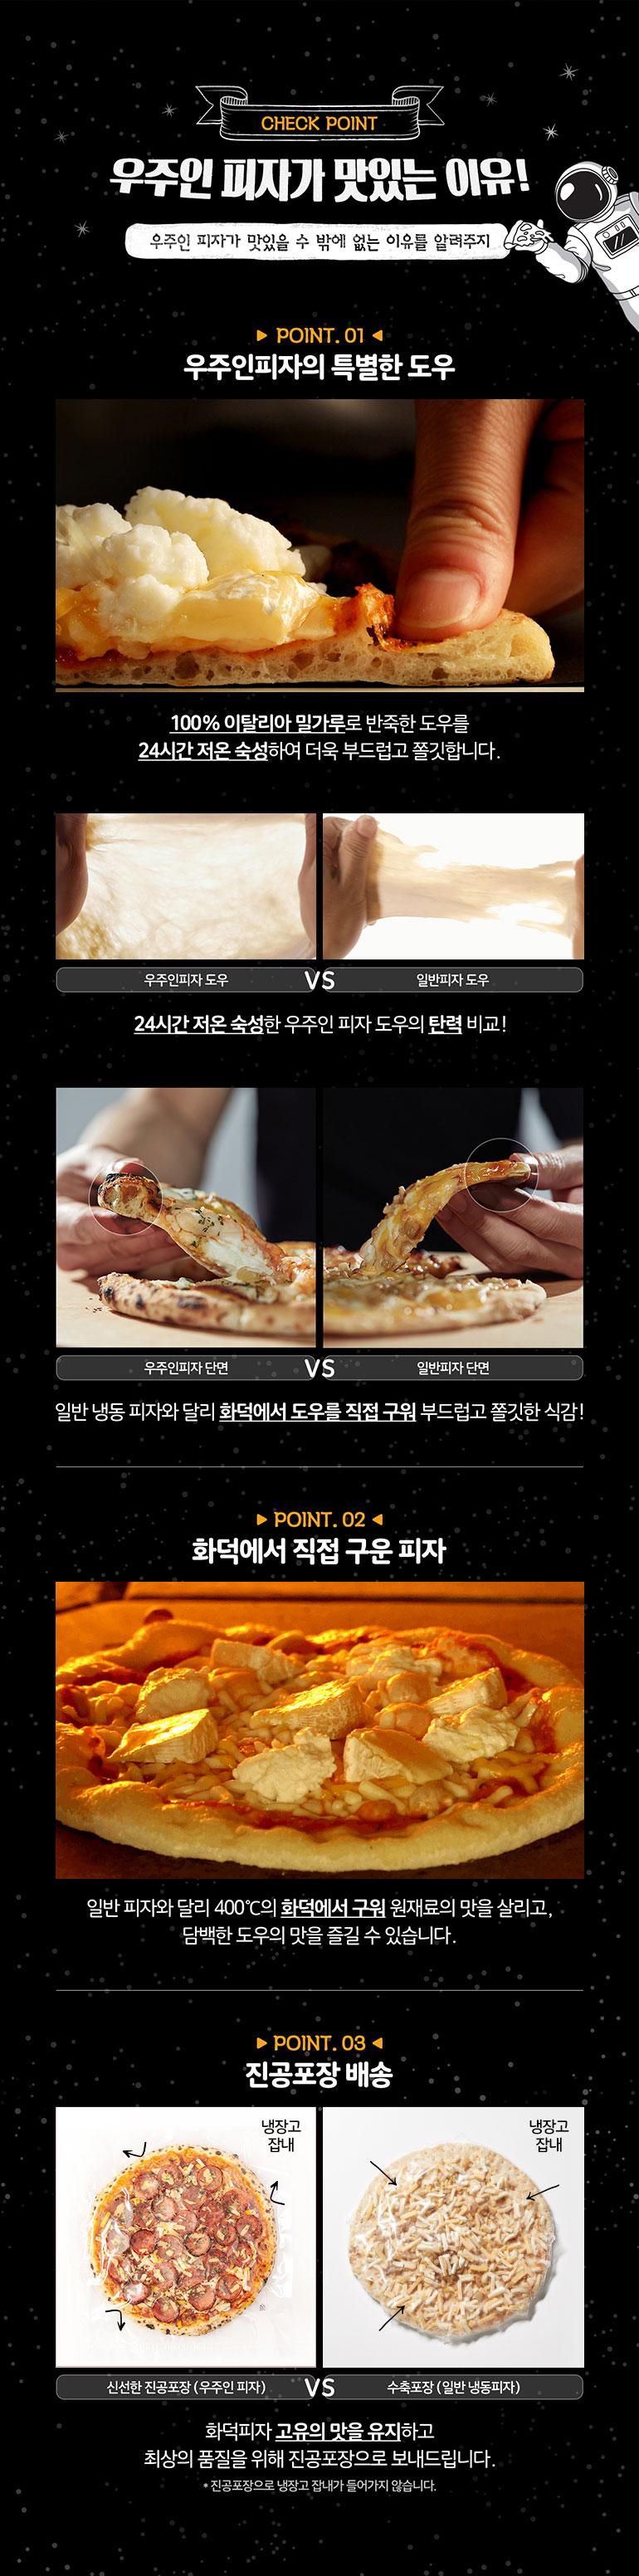 J630 허니갈릭 페퍼로니 - 우주인피자, 11,900원, 간편조리식품, 피자/핫도그/햄버거